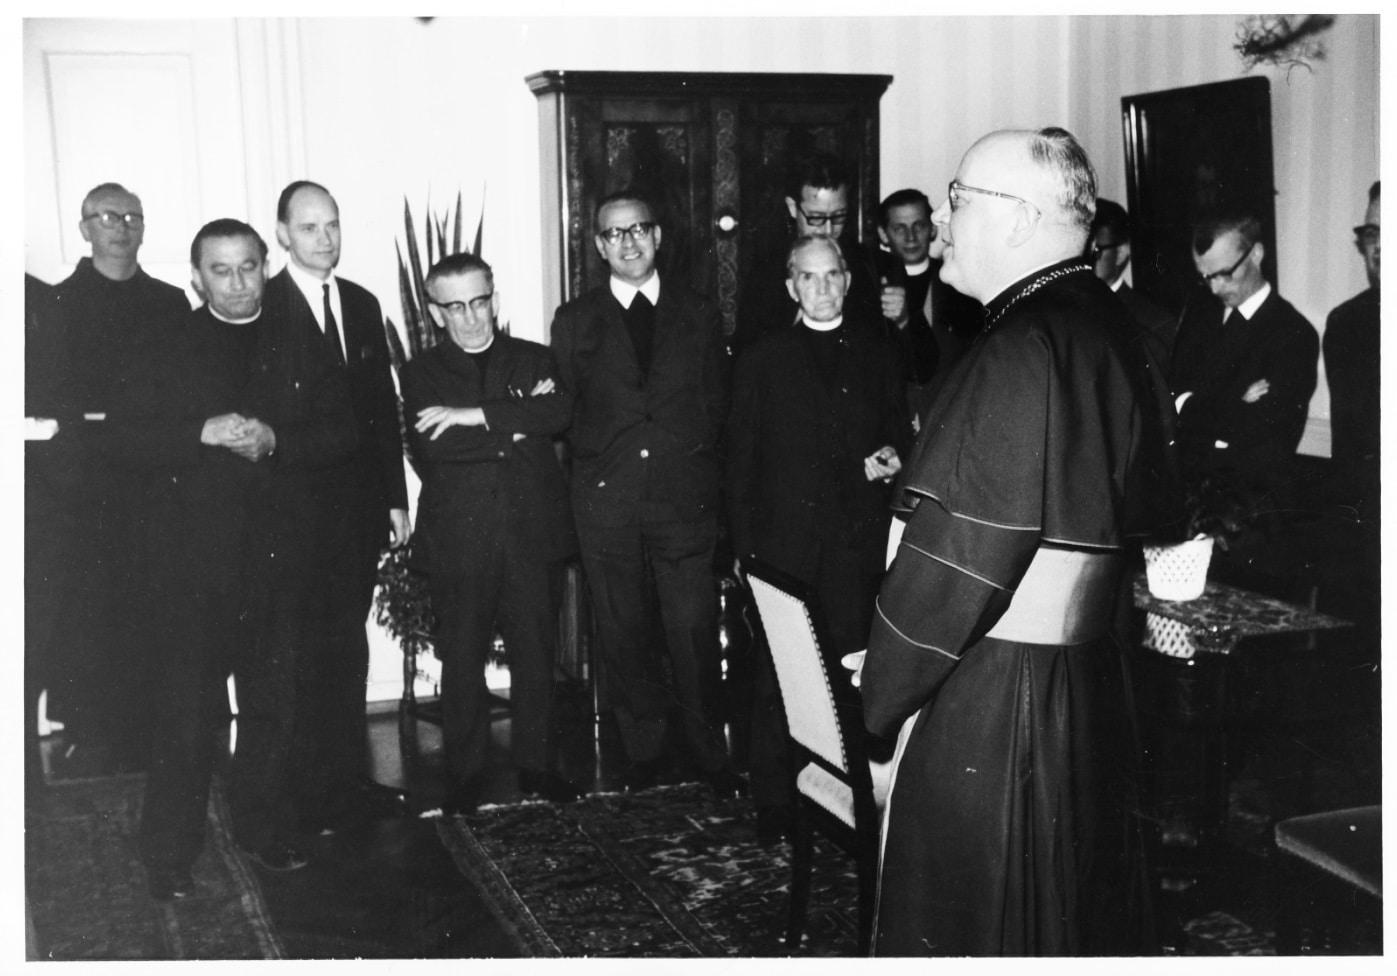 Bischof Wittler begrüßt die Teilnehmer der ersten Studientagung im Jahr 1968 in seinem Haus.